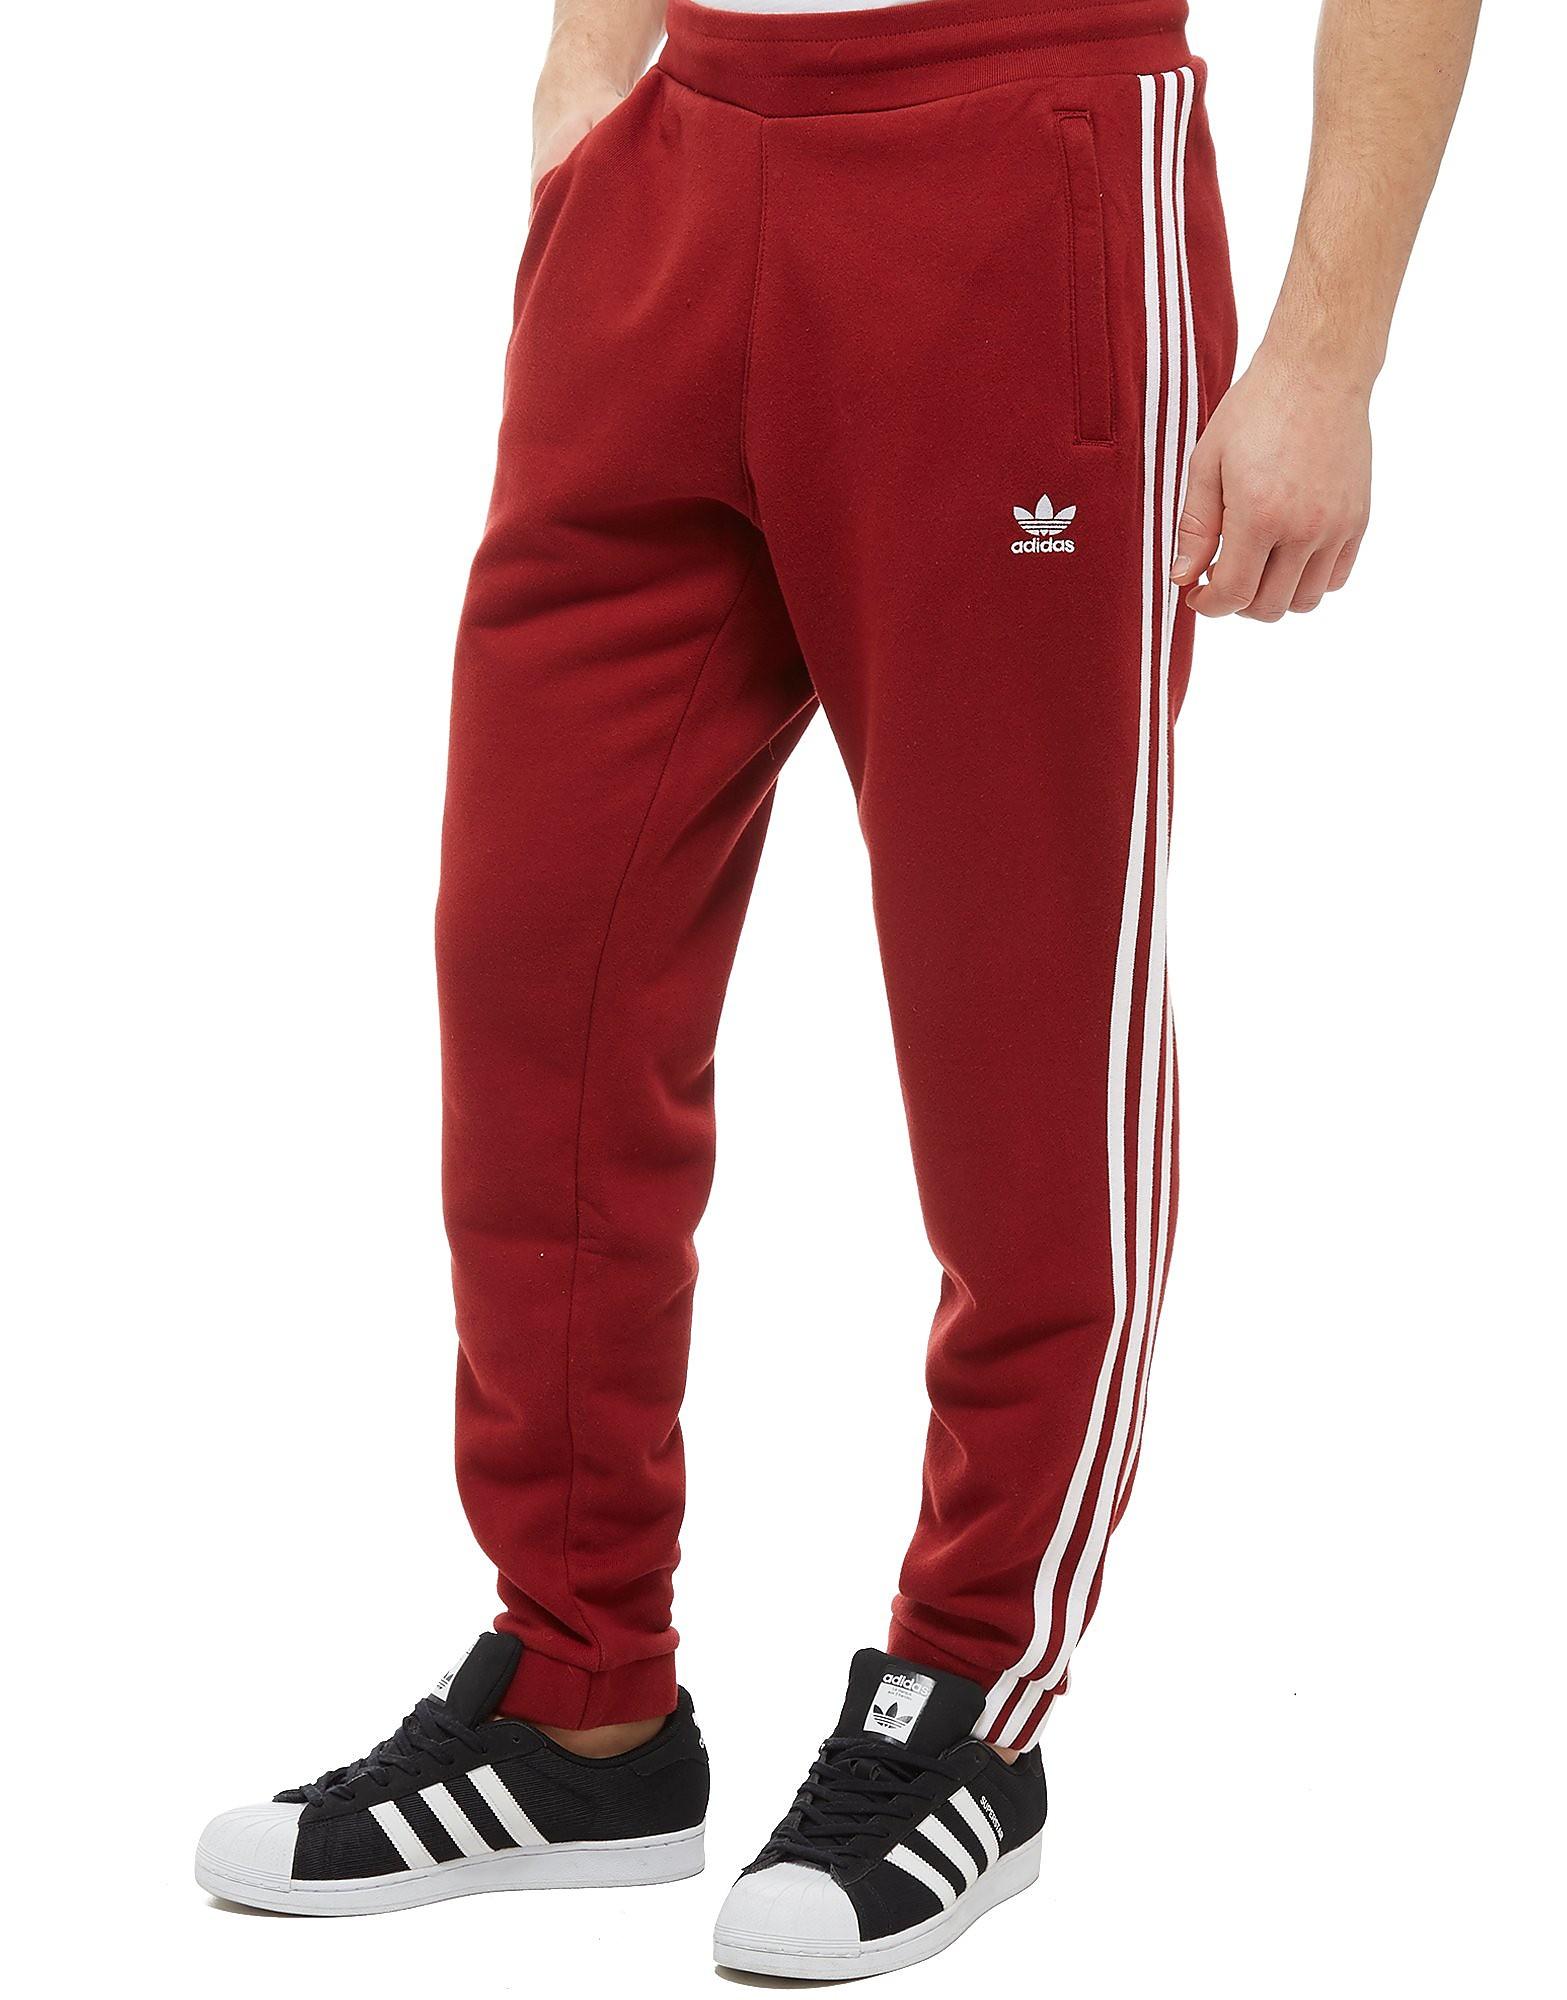 adidas Originals Pantalon de survêtement Trefoil Fleece Homme